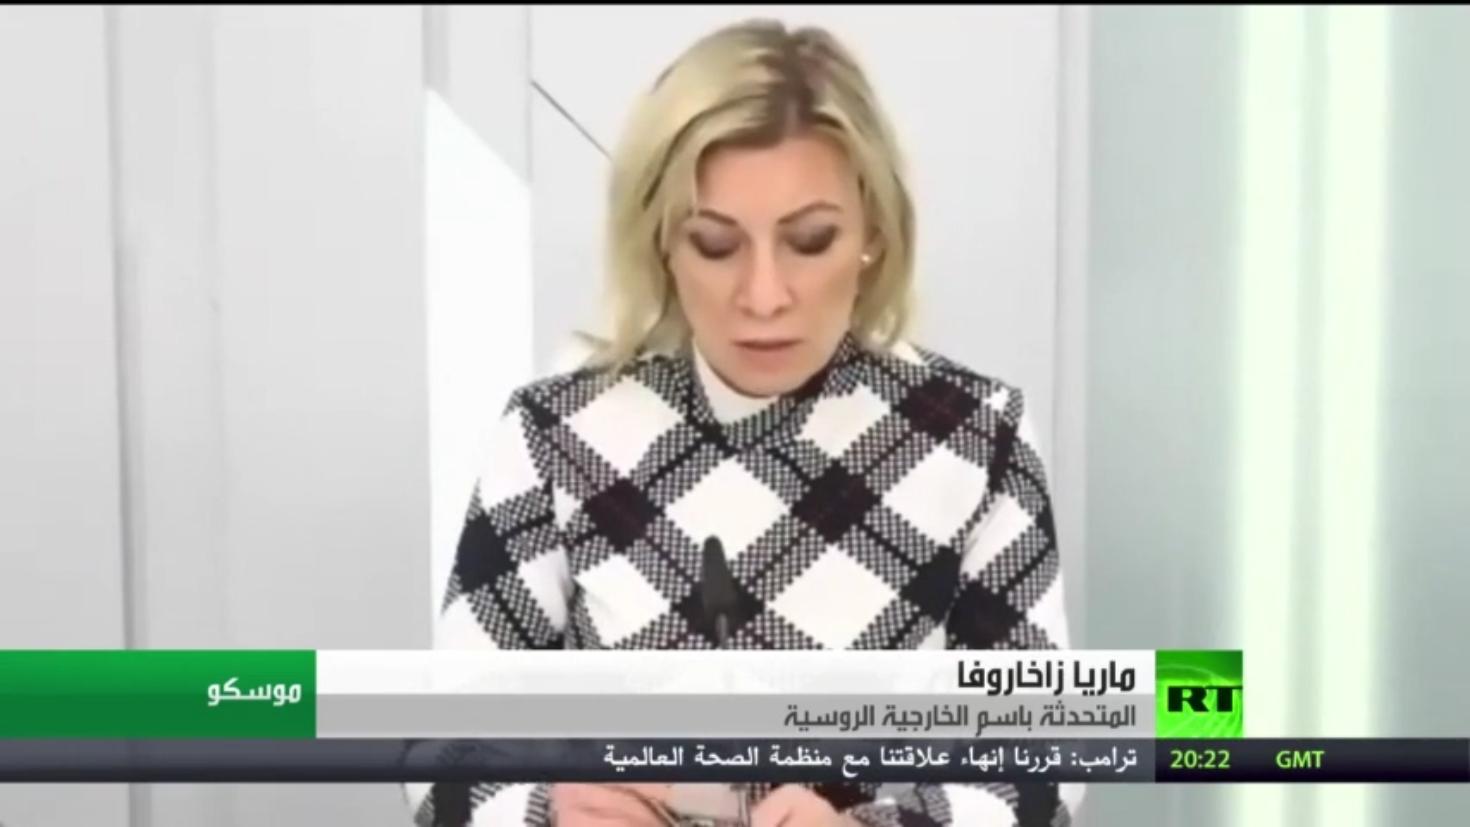 موسكو: الوضع في ليبيا مستمر بالتدهور